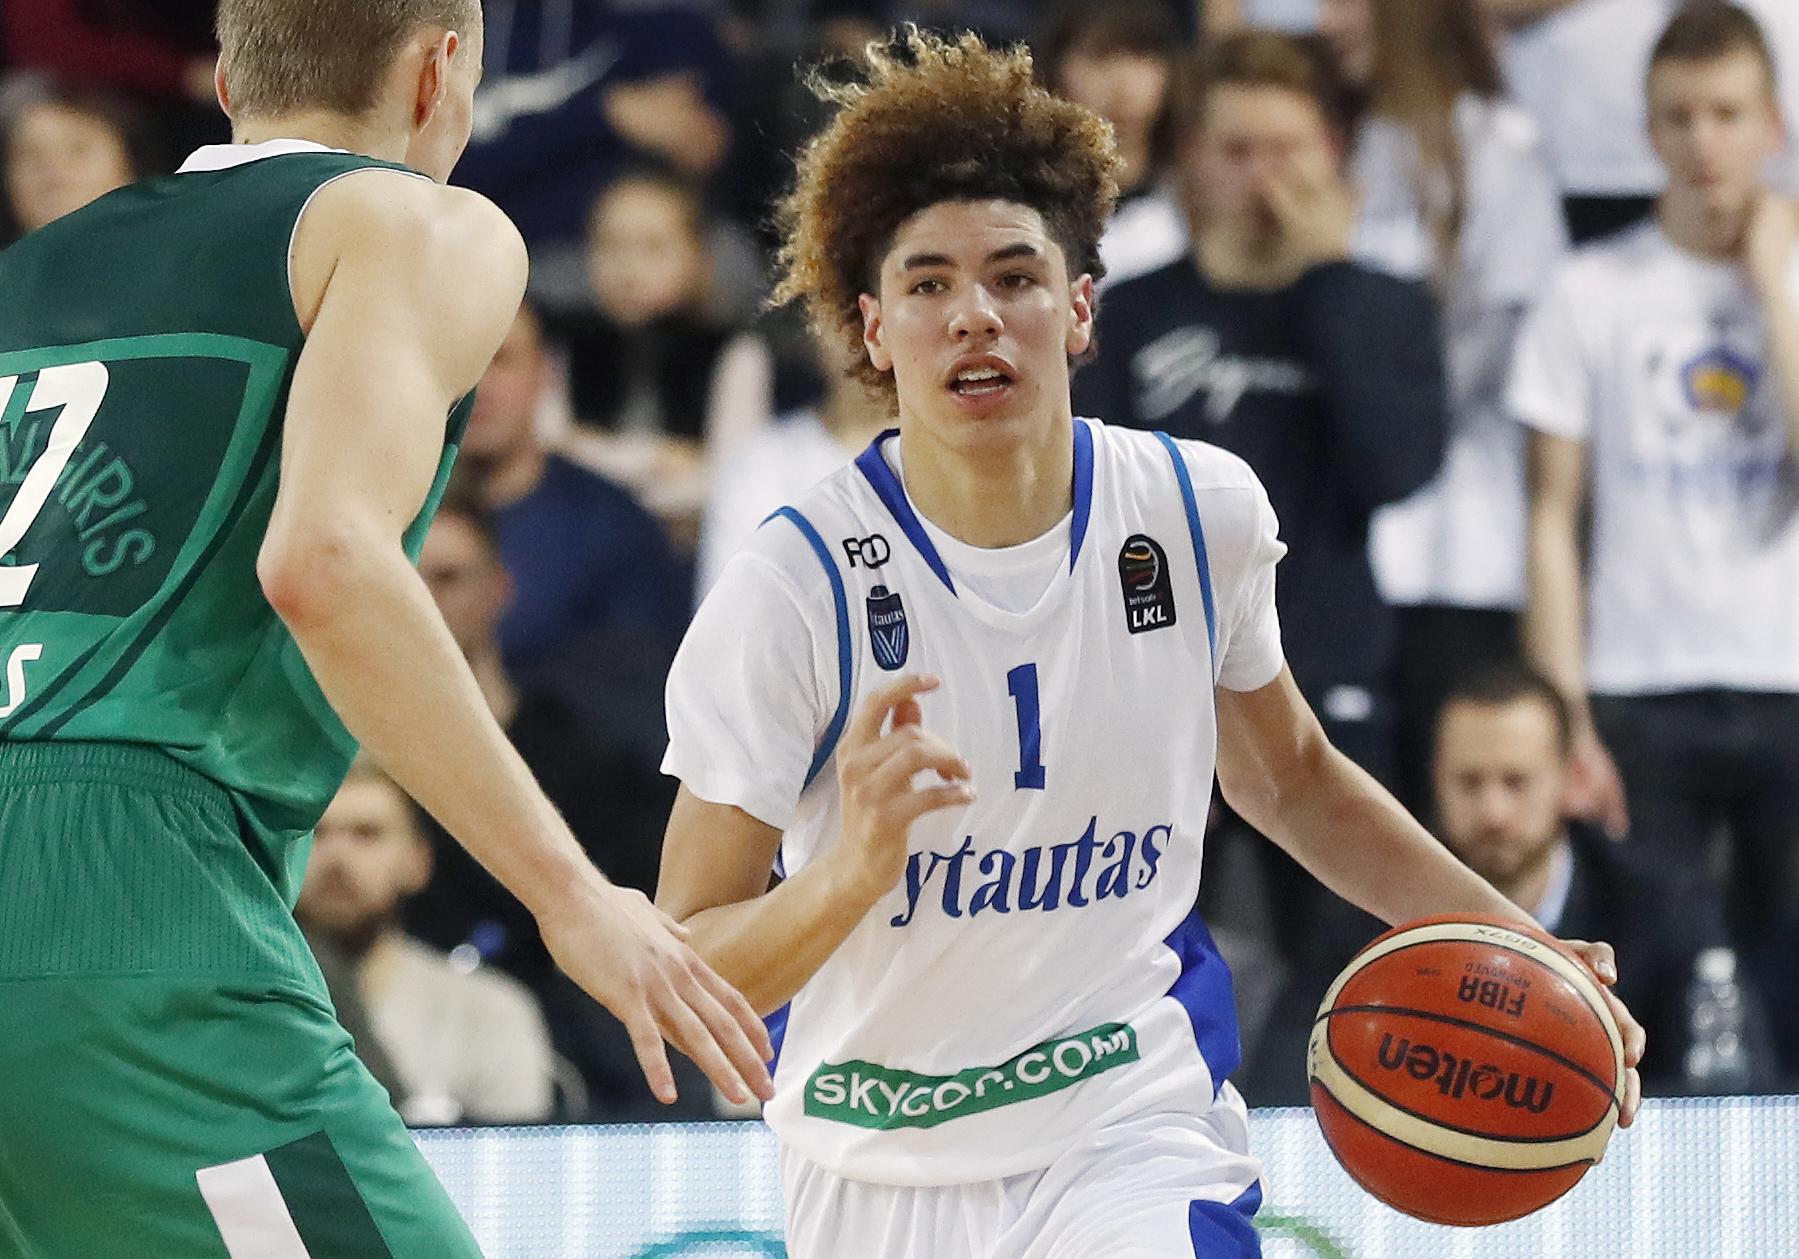 No Lietuvas līgas līdz NBA rekordam - pirmziemnieks Lamelo Bols